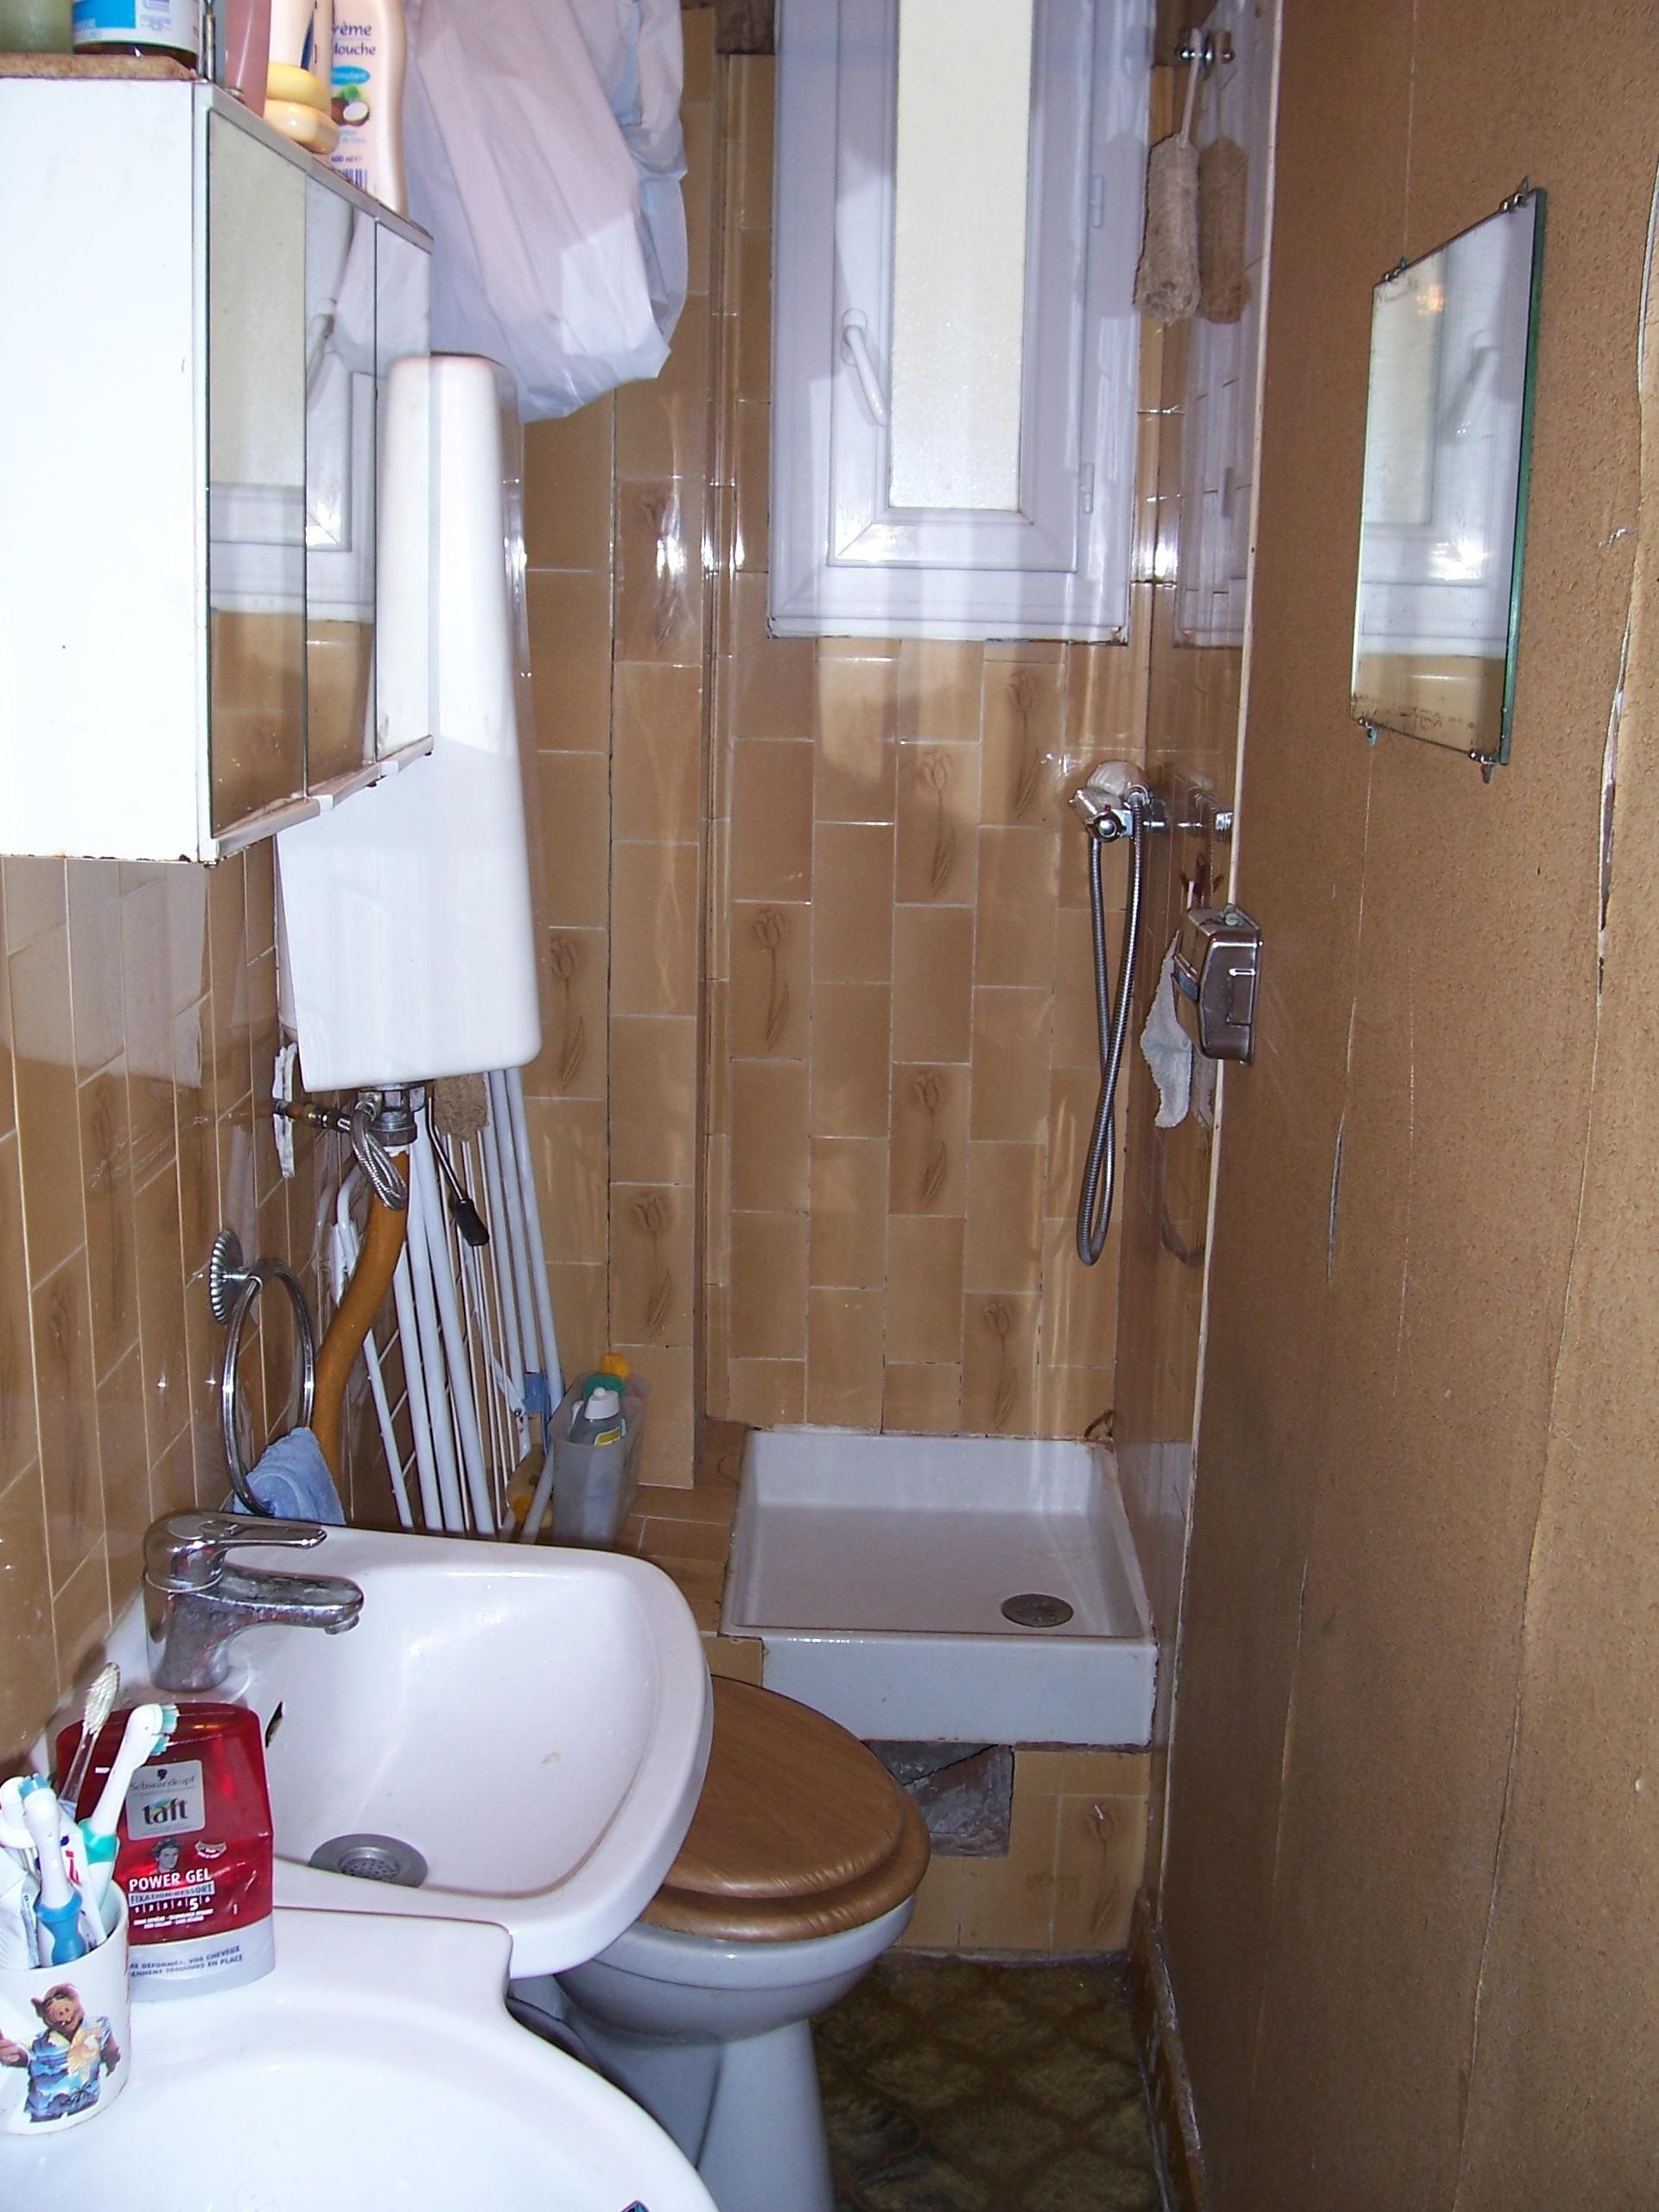 Salle De Bain De 2m2 Nouveau Photos Aménagement Petite Salle De Bain 1m2 11 Petites Salles De Bain